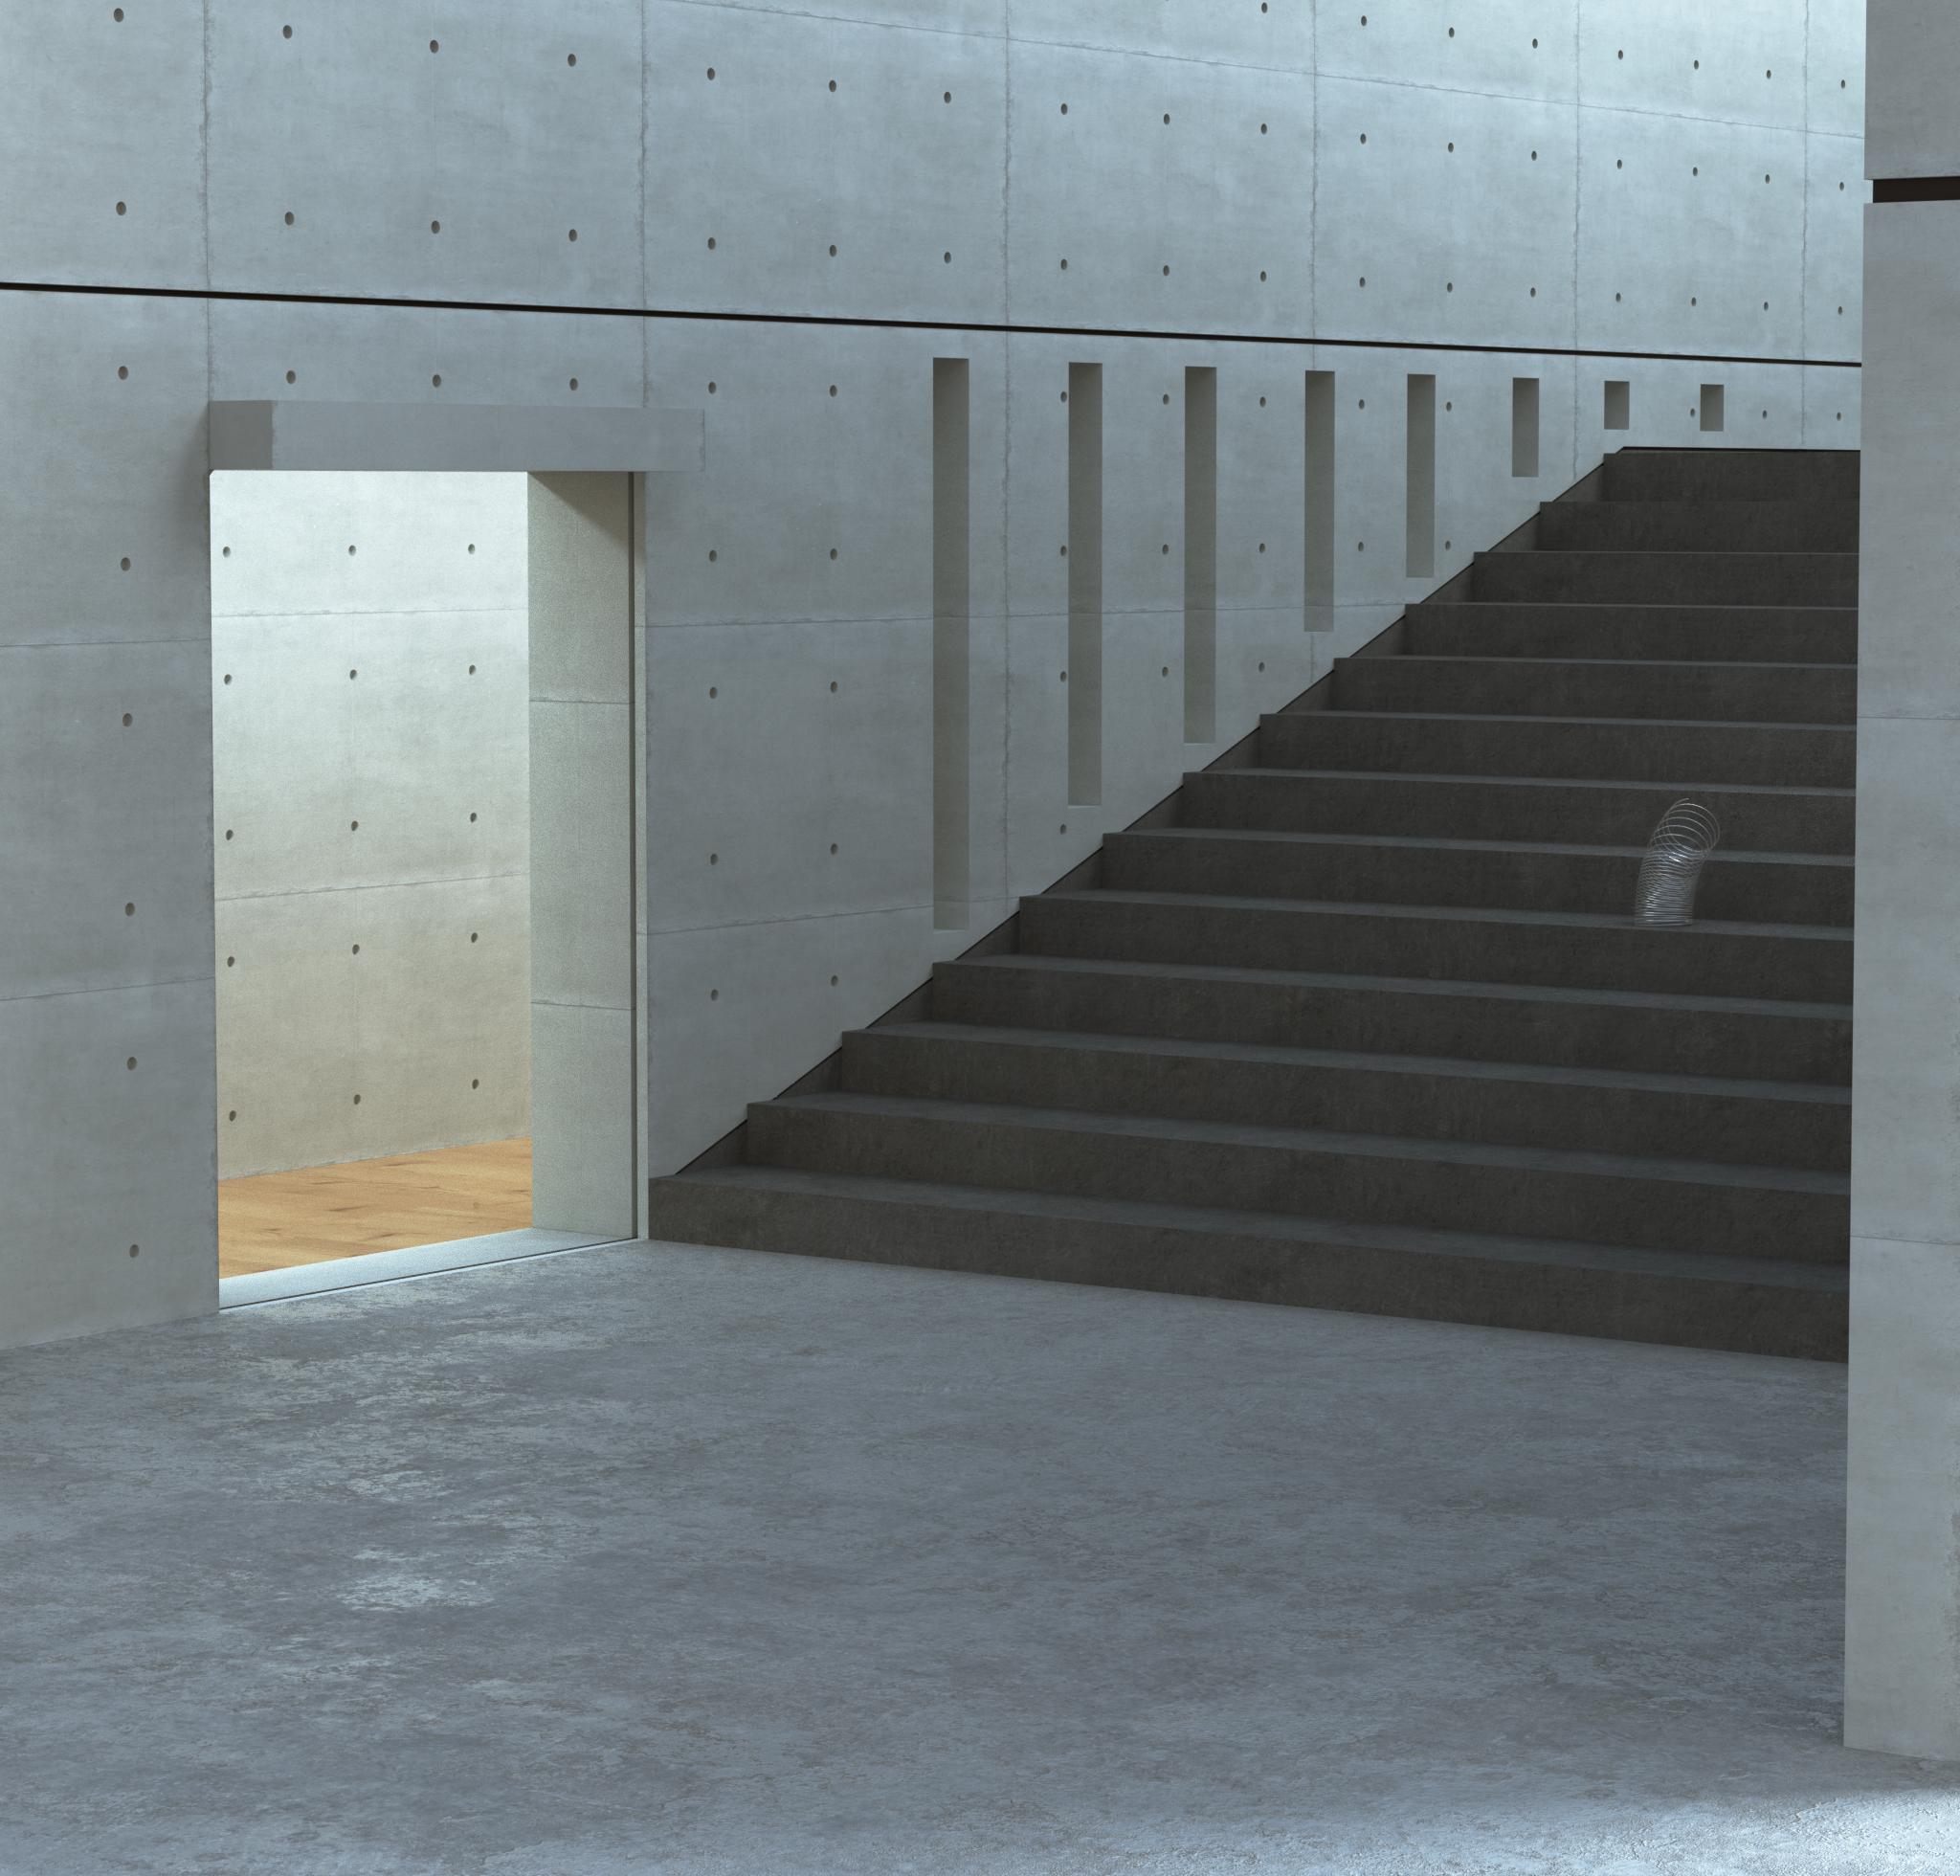 Architecture_Ando_ConcreteBlock_PSD_v002_01.jpg